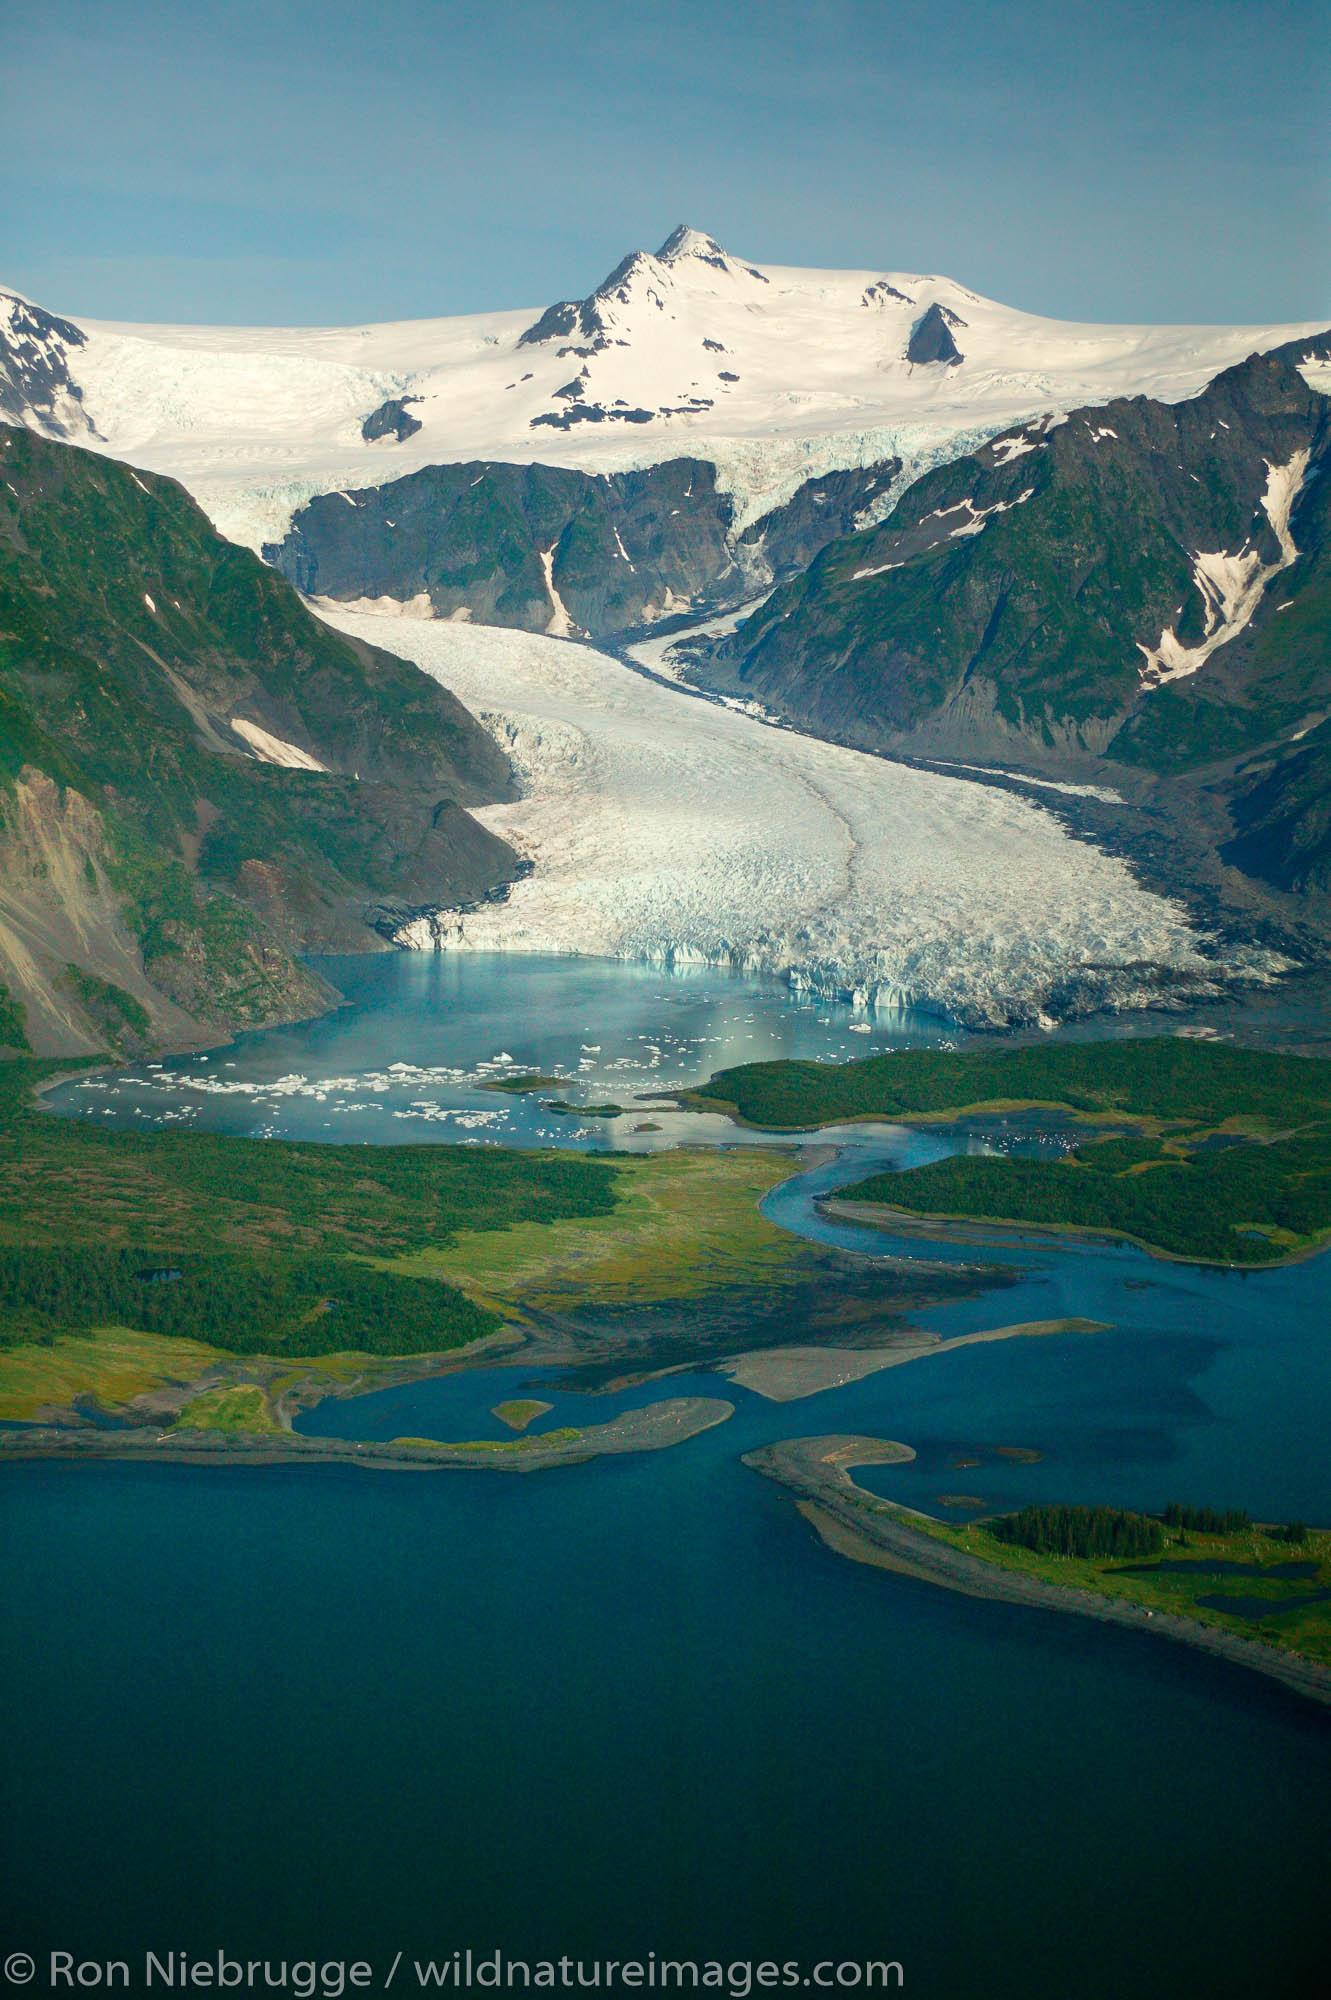 Pederson Glacier and Lagoon, Aialik Bay, Kenai Fjords National Park, aerial photo of the Kenai Peninsula, Alaska